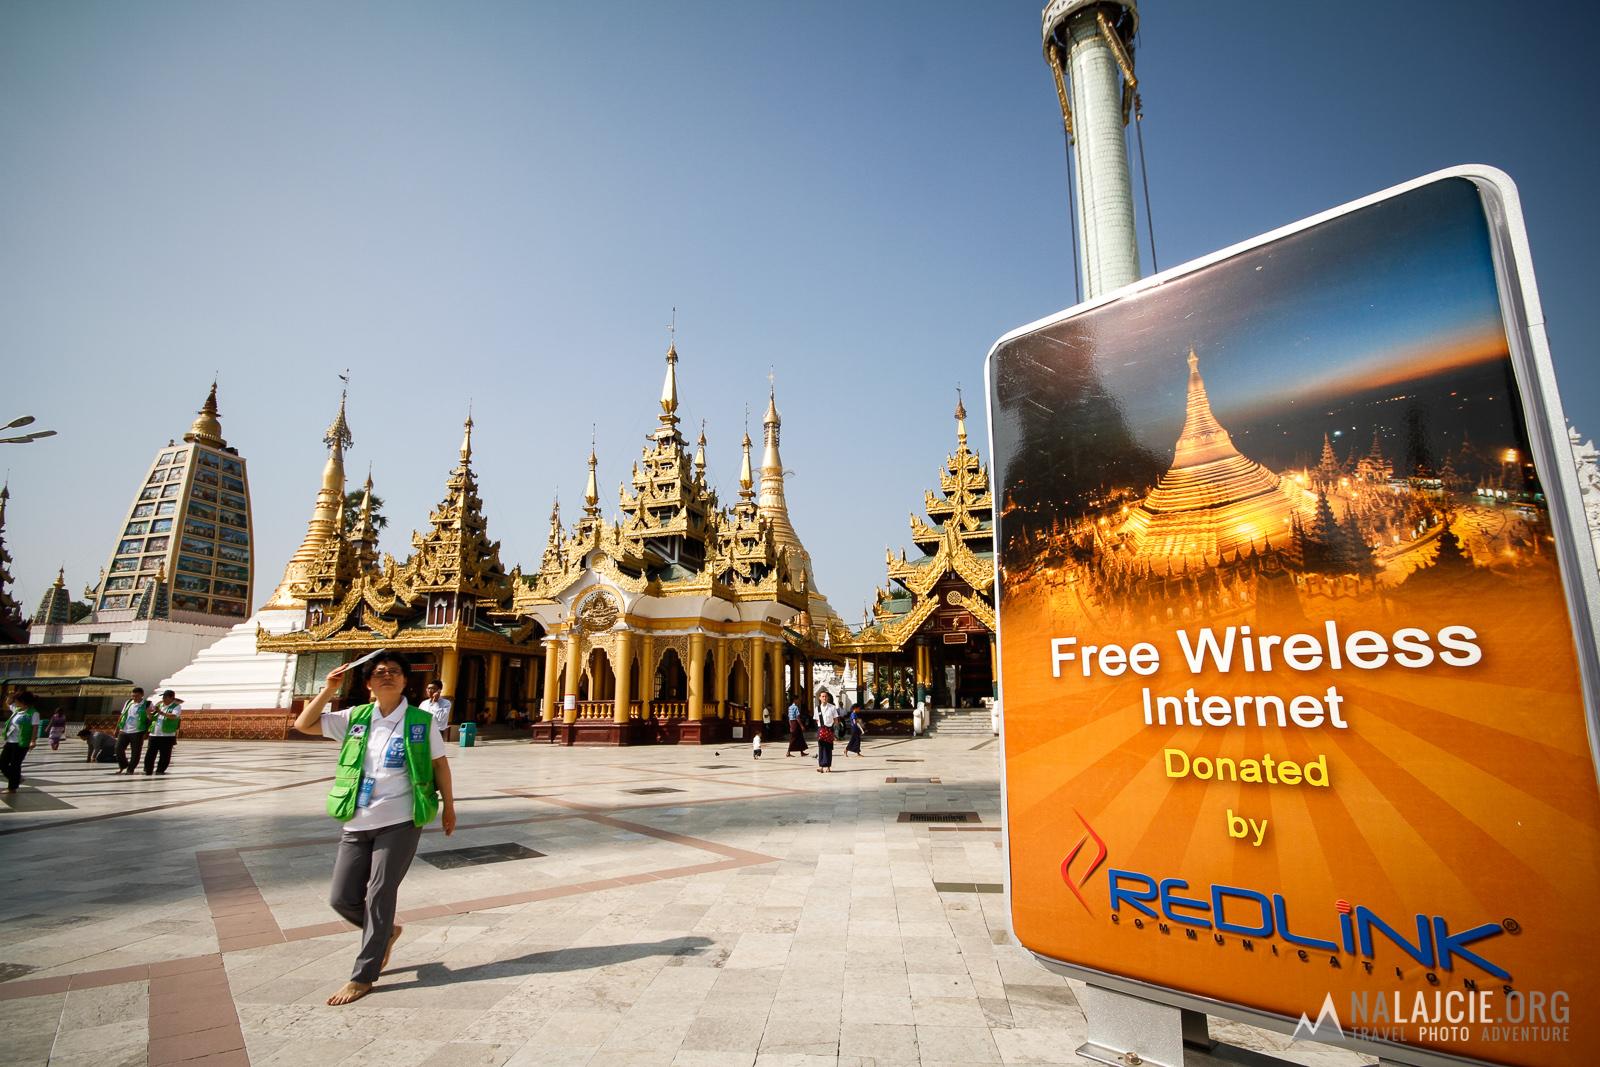 Dla znudzonych - free wifi ;)